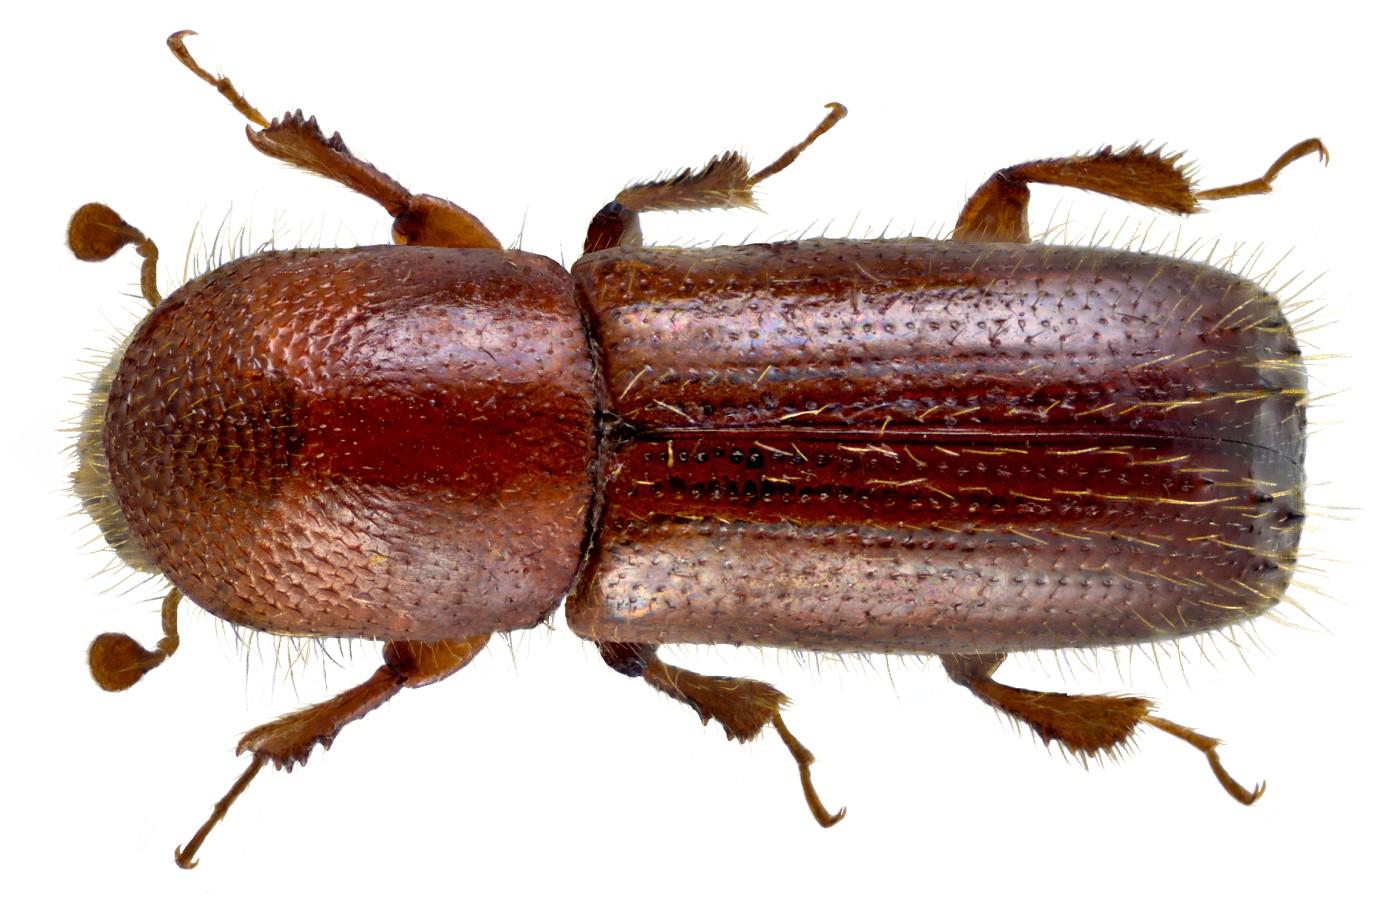 XyleborusMonographus